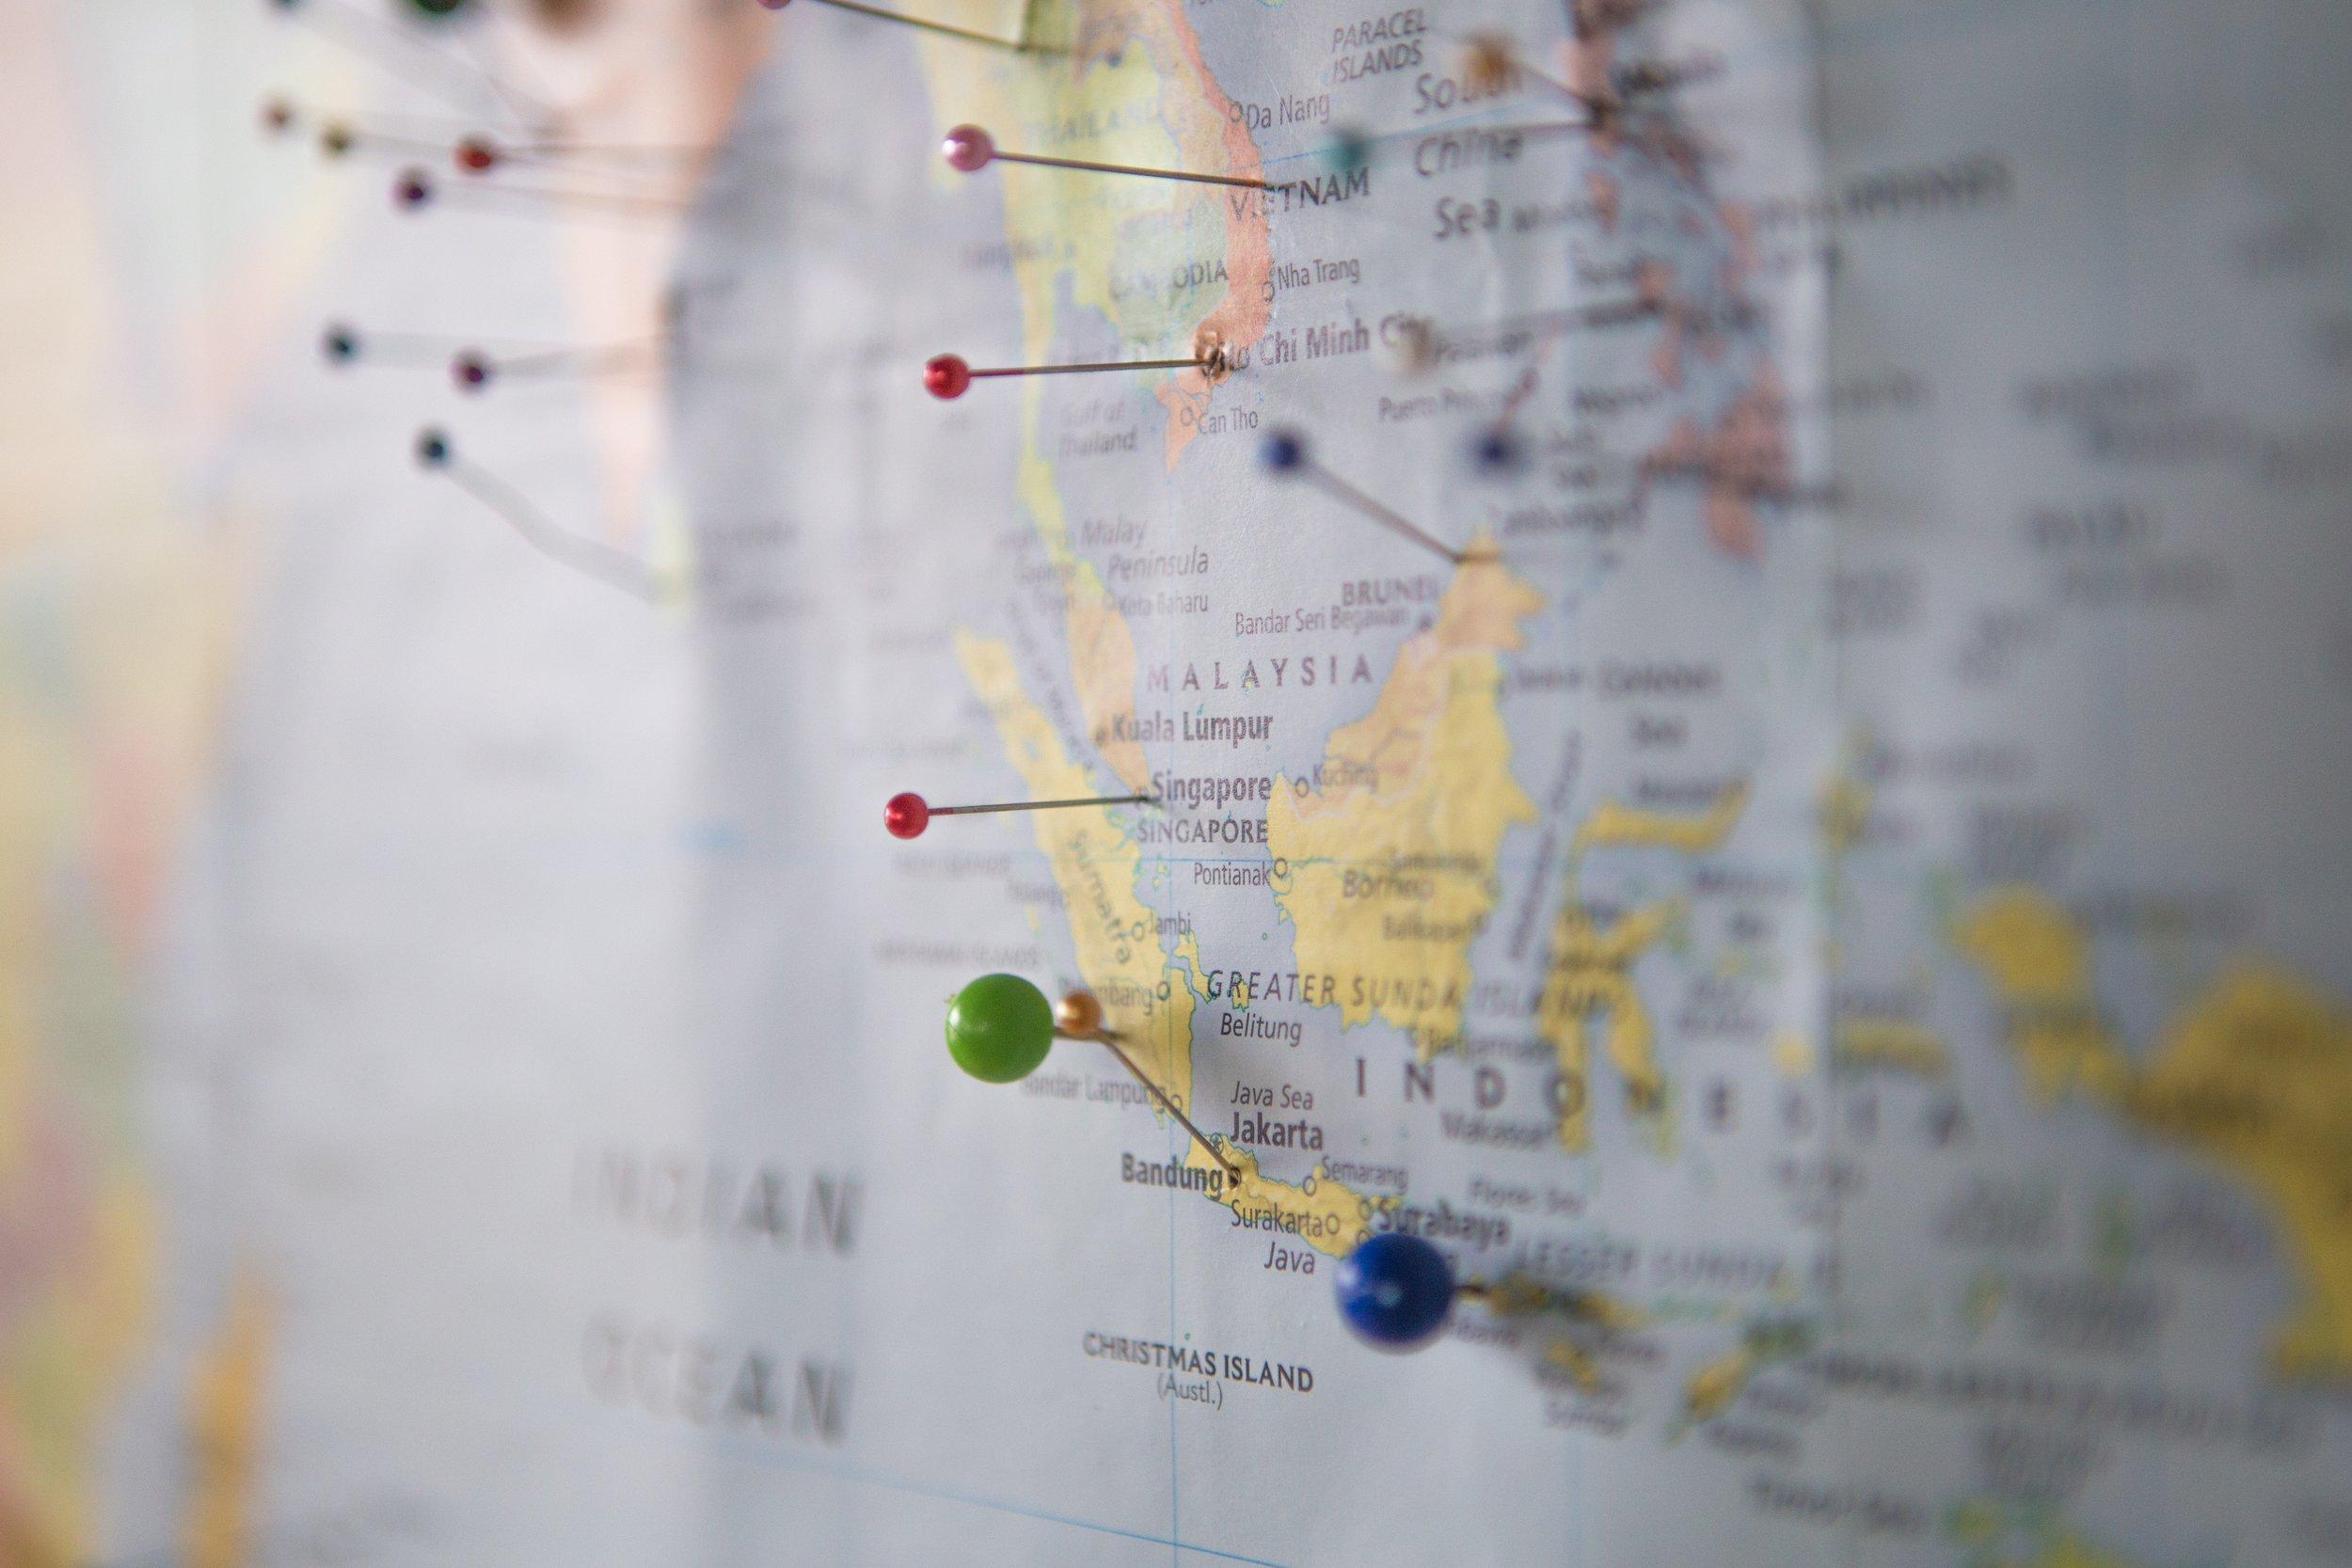 """"""" Mon mari et moi avons comme projet de visiter 50 pays avant d'avoir 50 ans. J'en suis à 41 pays et lui me devance de quelques uns. Next stops: Serbie et Afrique du Sud ."""""""